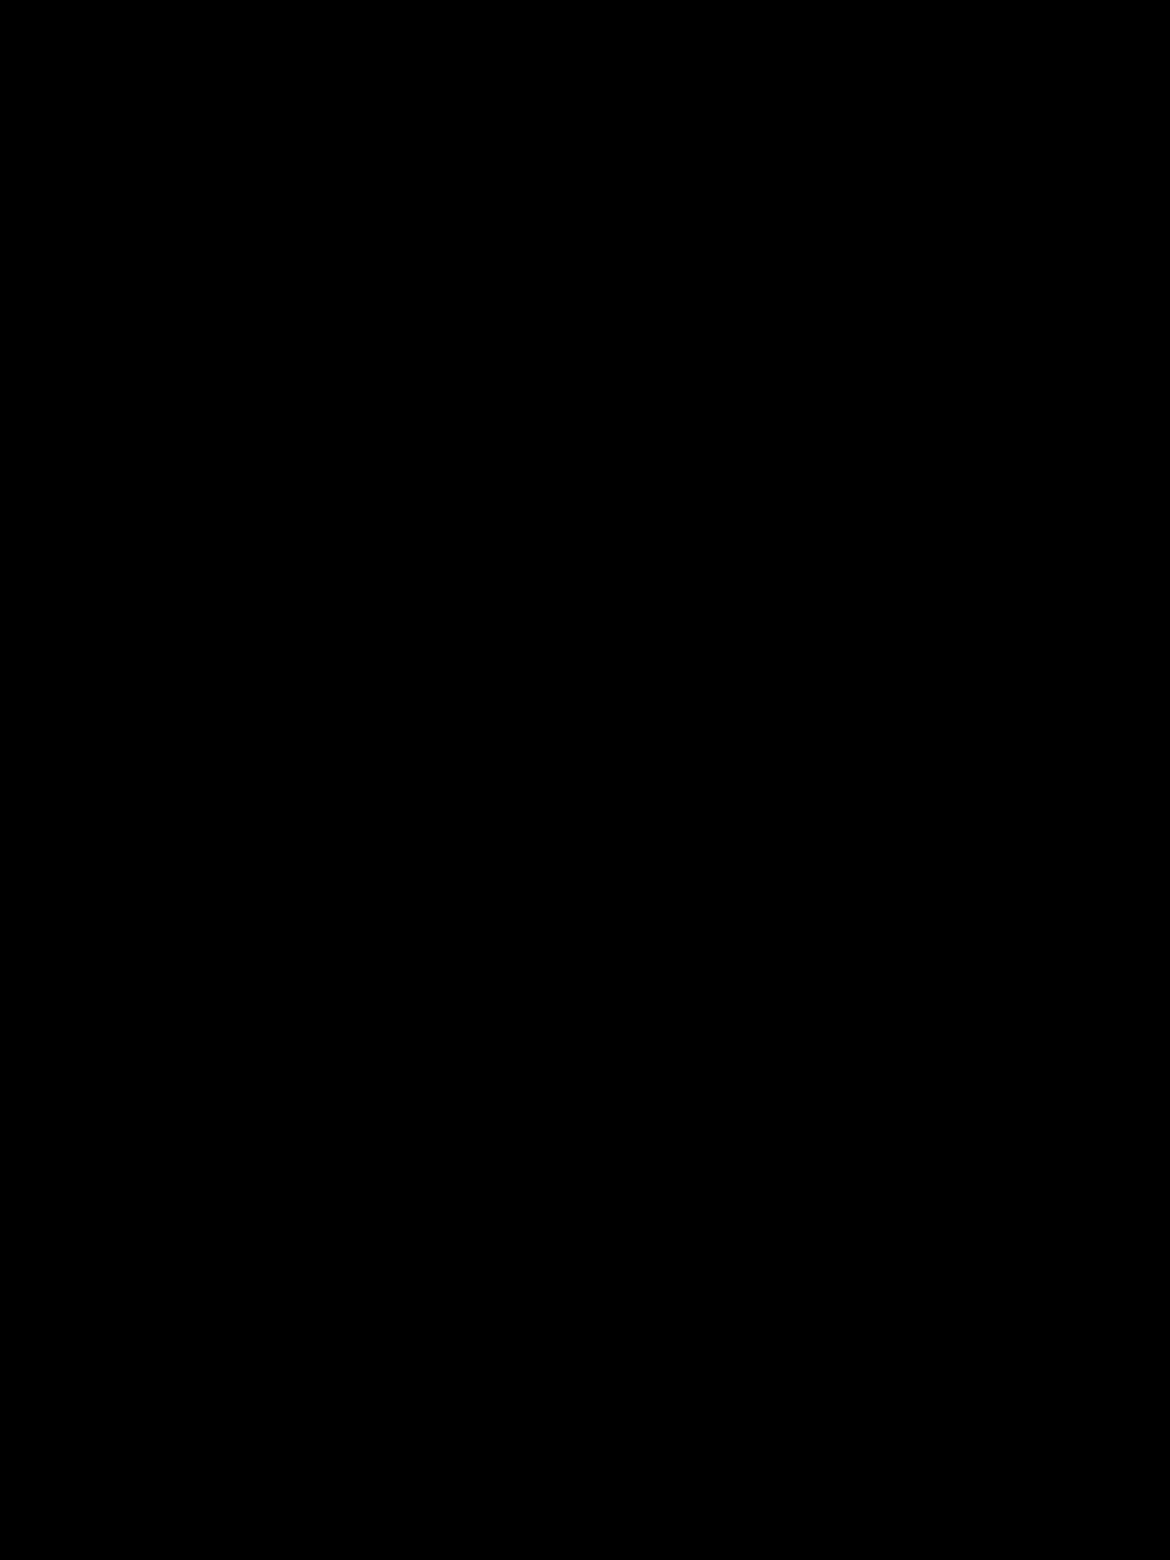 Emanuele De Marchi e la Guernica di Picasso, Museo Reina Sofia - Cosa vedere a Madrid in 2 giorni!